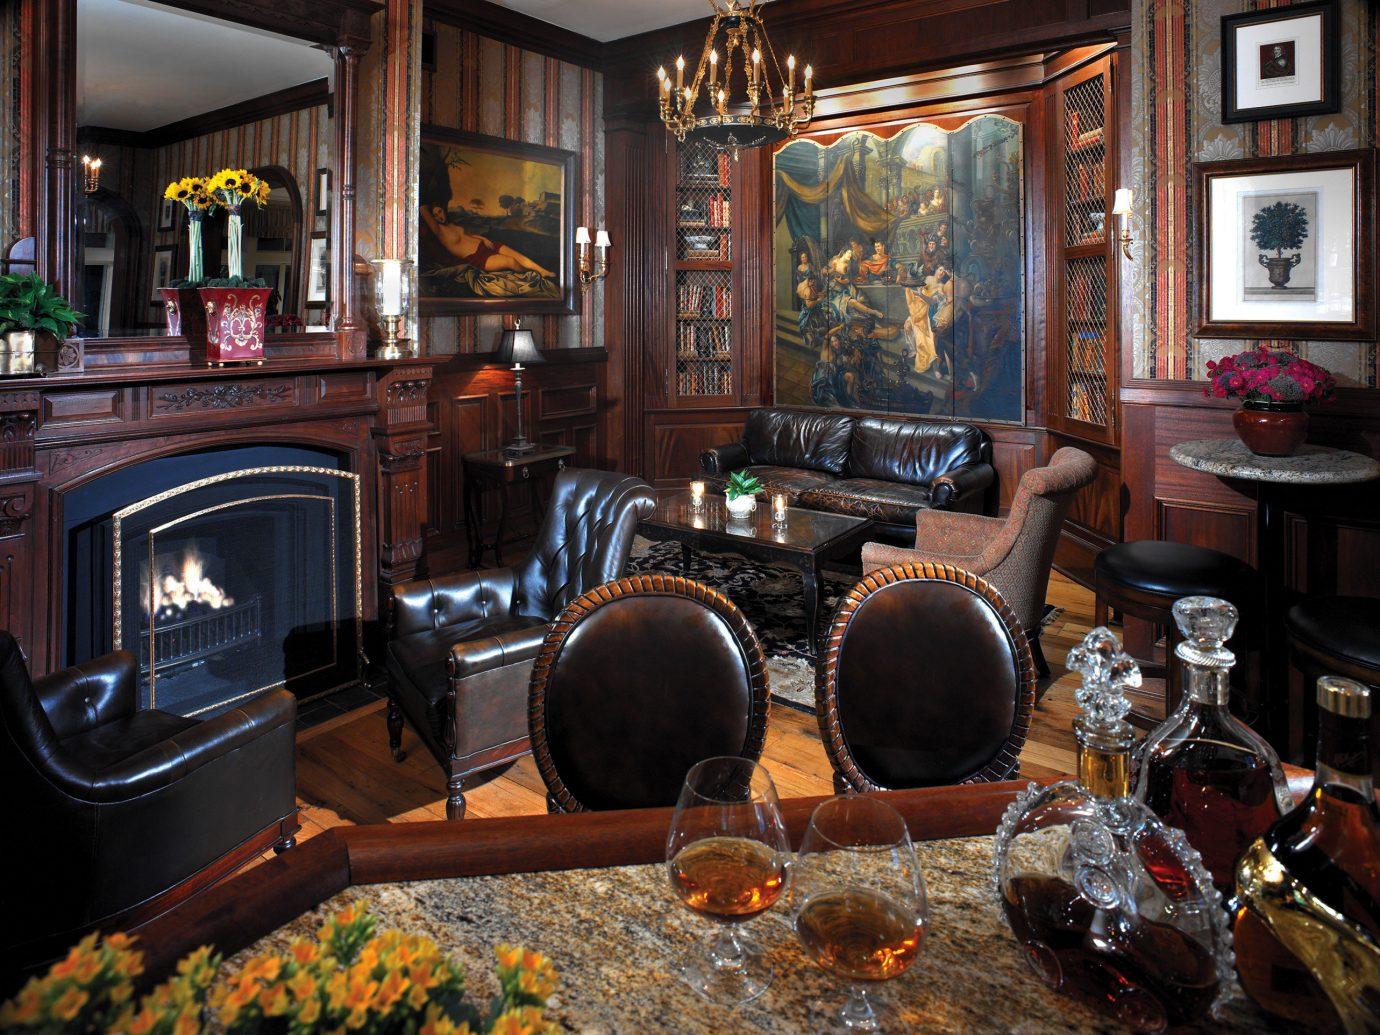 Hotels indoor room Living Bar restaurant interior design meal furniture cluttered dining table